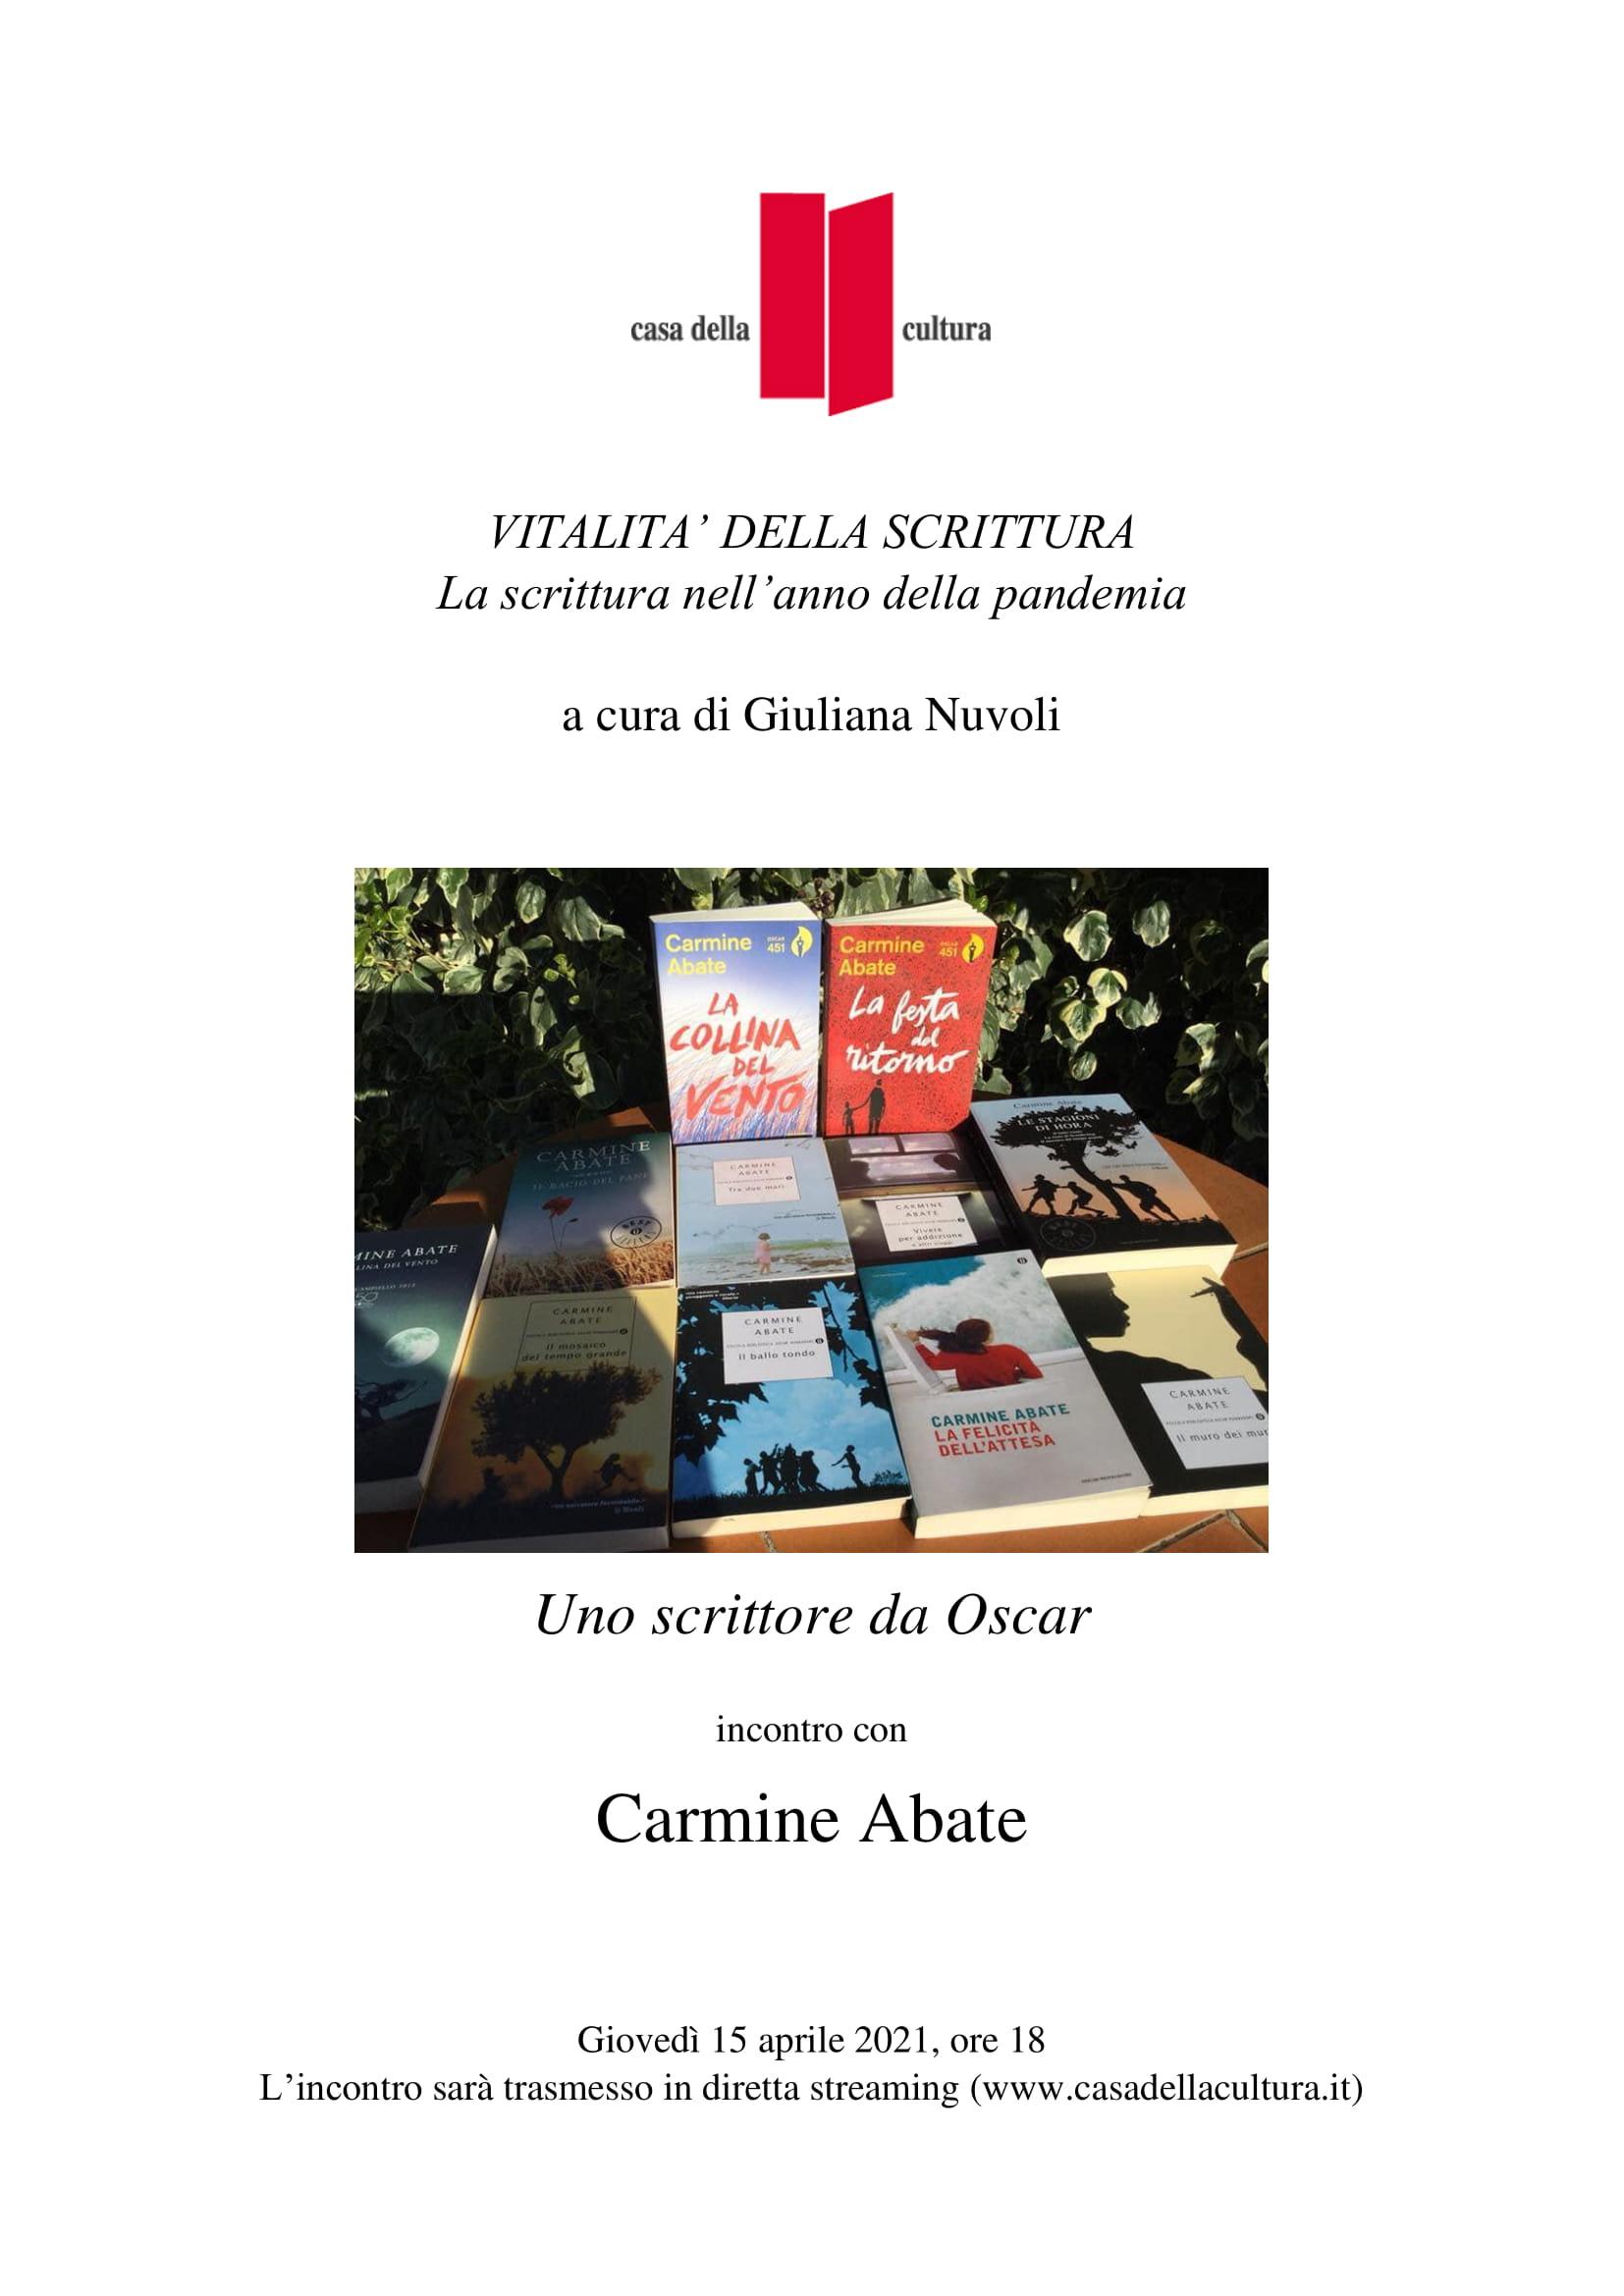 """Giuliana Nuvoli presenta Carmine Abate, """"Il ballo tondo"""", Oscar Mondadori, Casa della Cultura, 15 aprile 2021, ore 18, https://www.youtube.com/watch?v=te14Ftd5Vhc&t=1078s"""